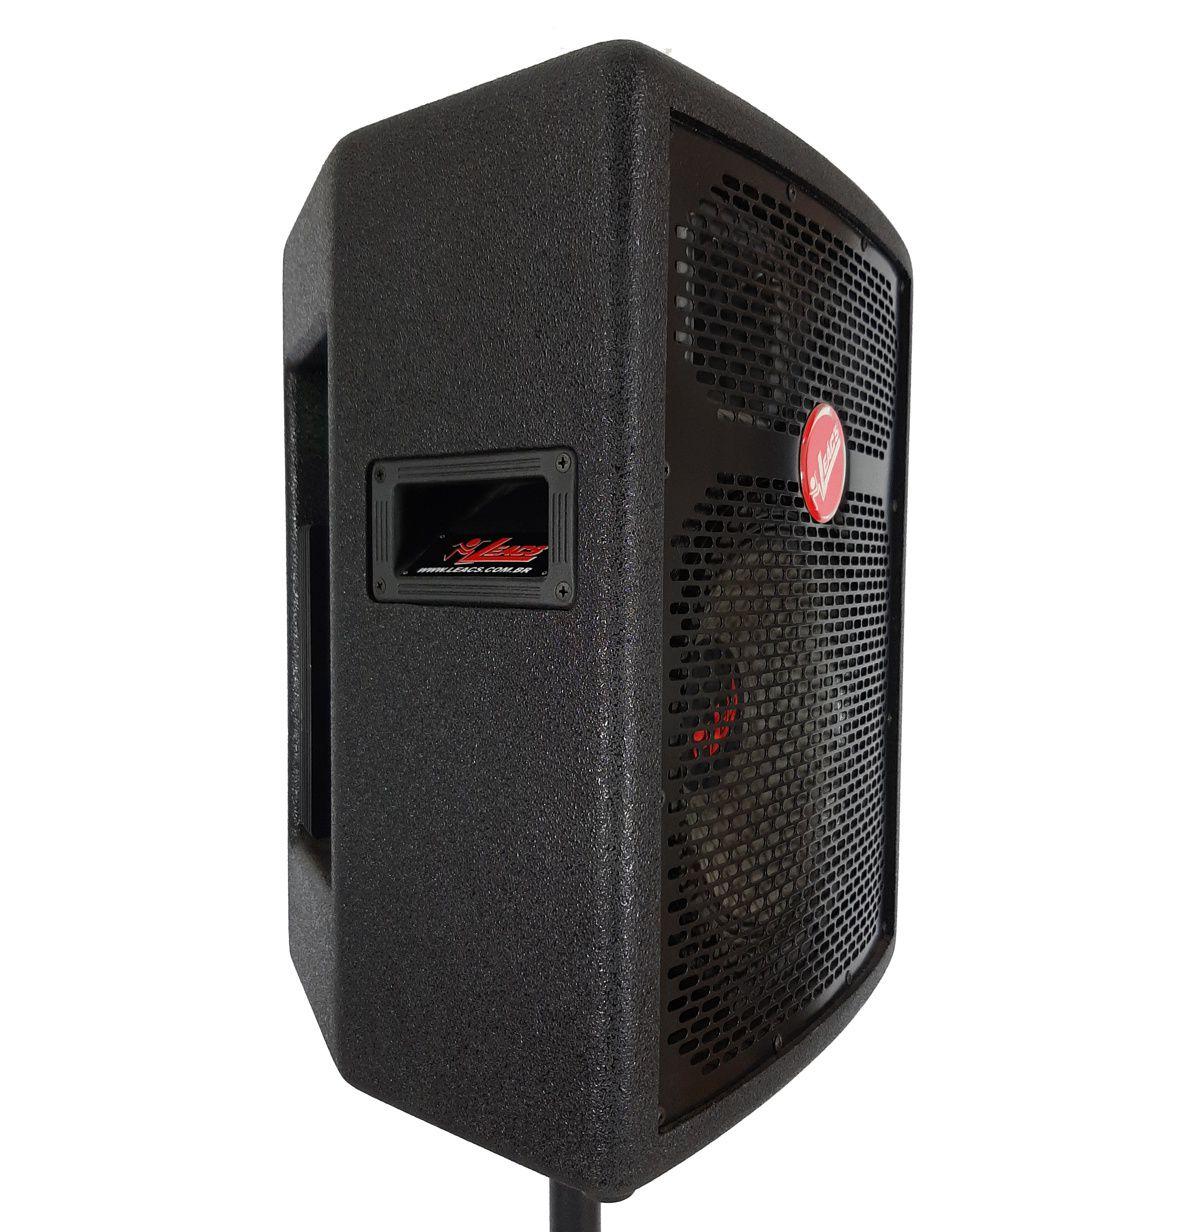 Caixa De Som Passiva Leacs Fit160 80W Falante 10